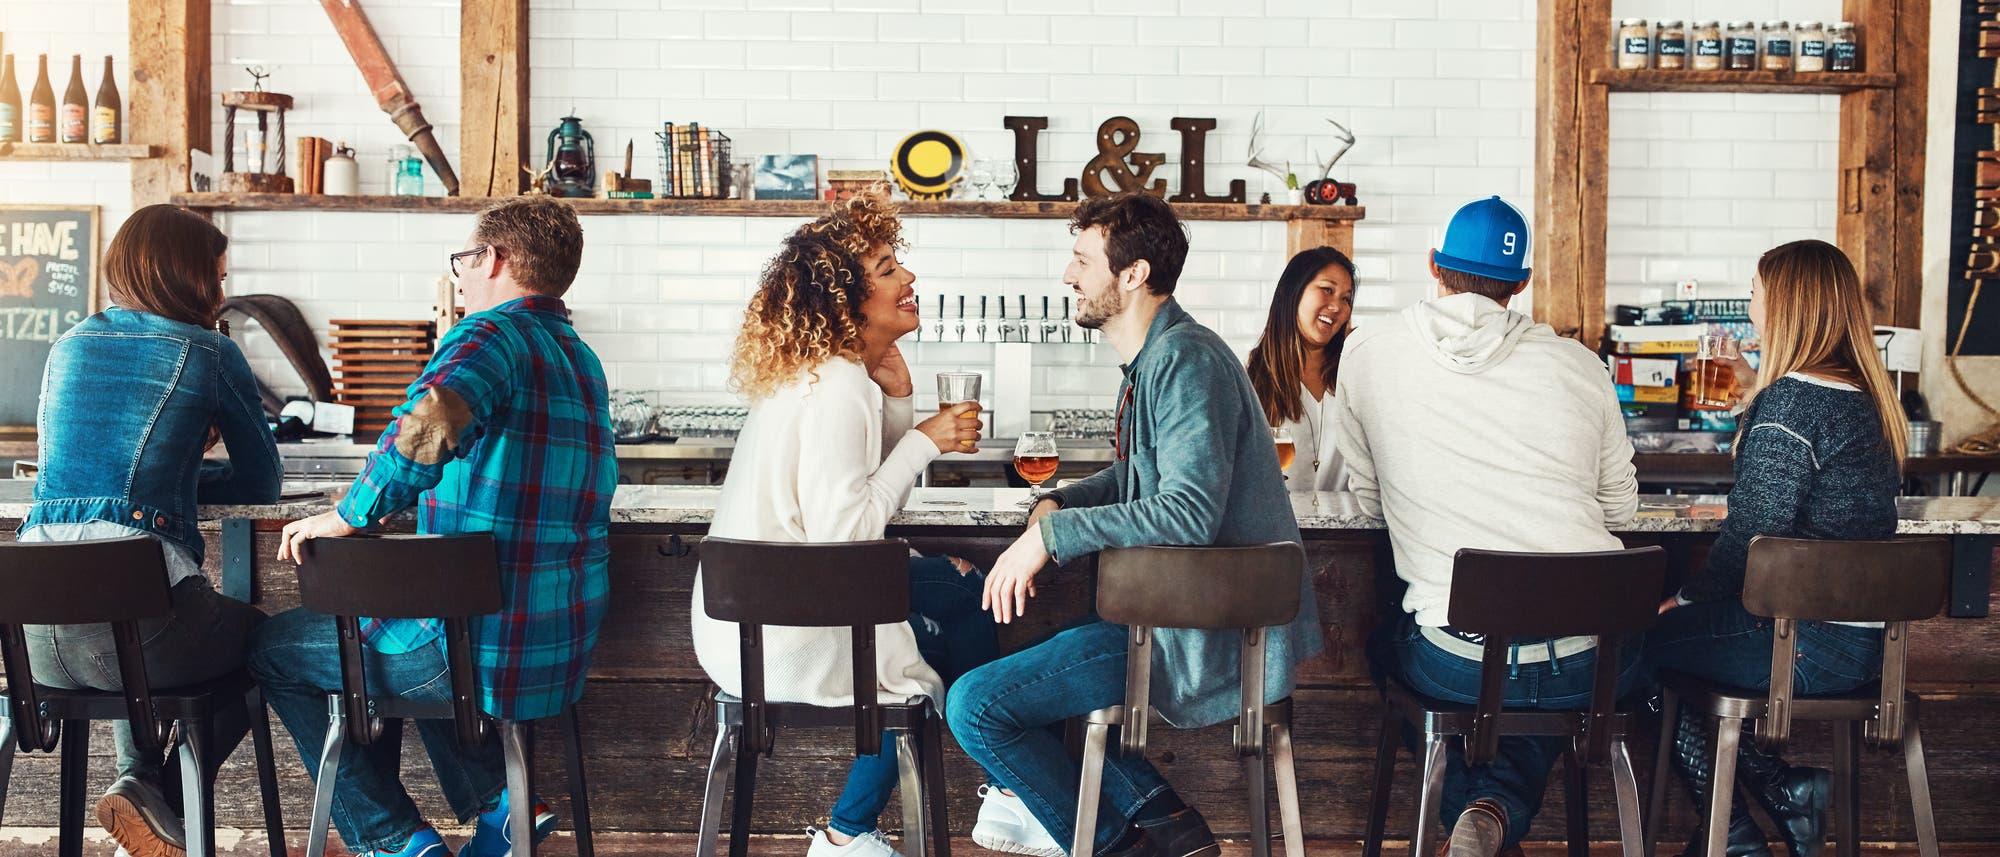 Menschen sitzen an einer Bar und unterhalten sich